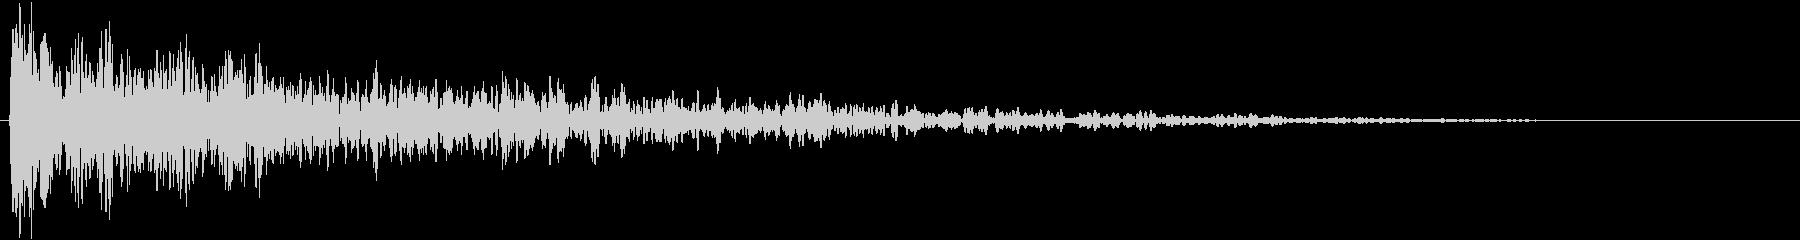 ドーン!(重いインパクト音・ロゴ表示等)の未再生の波形